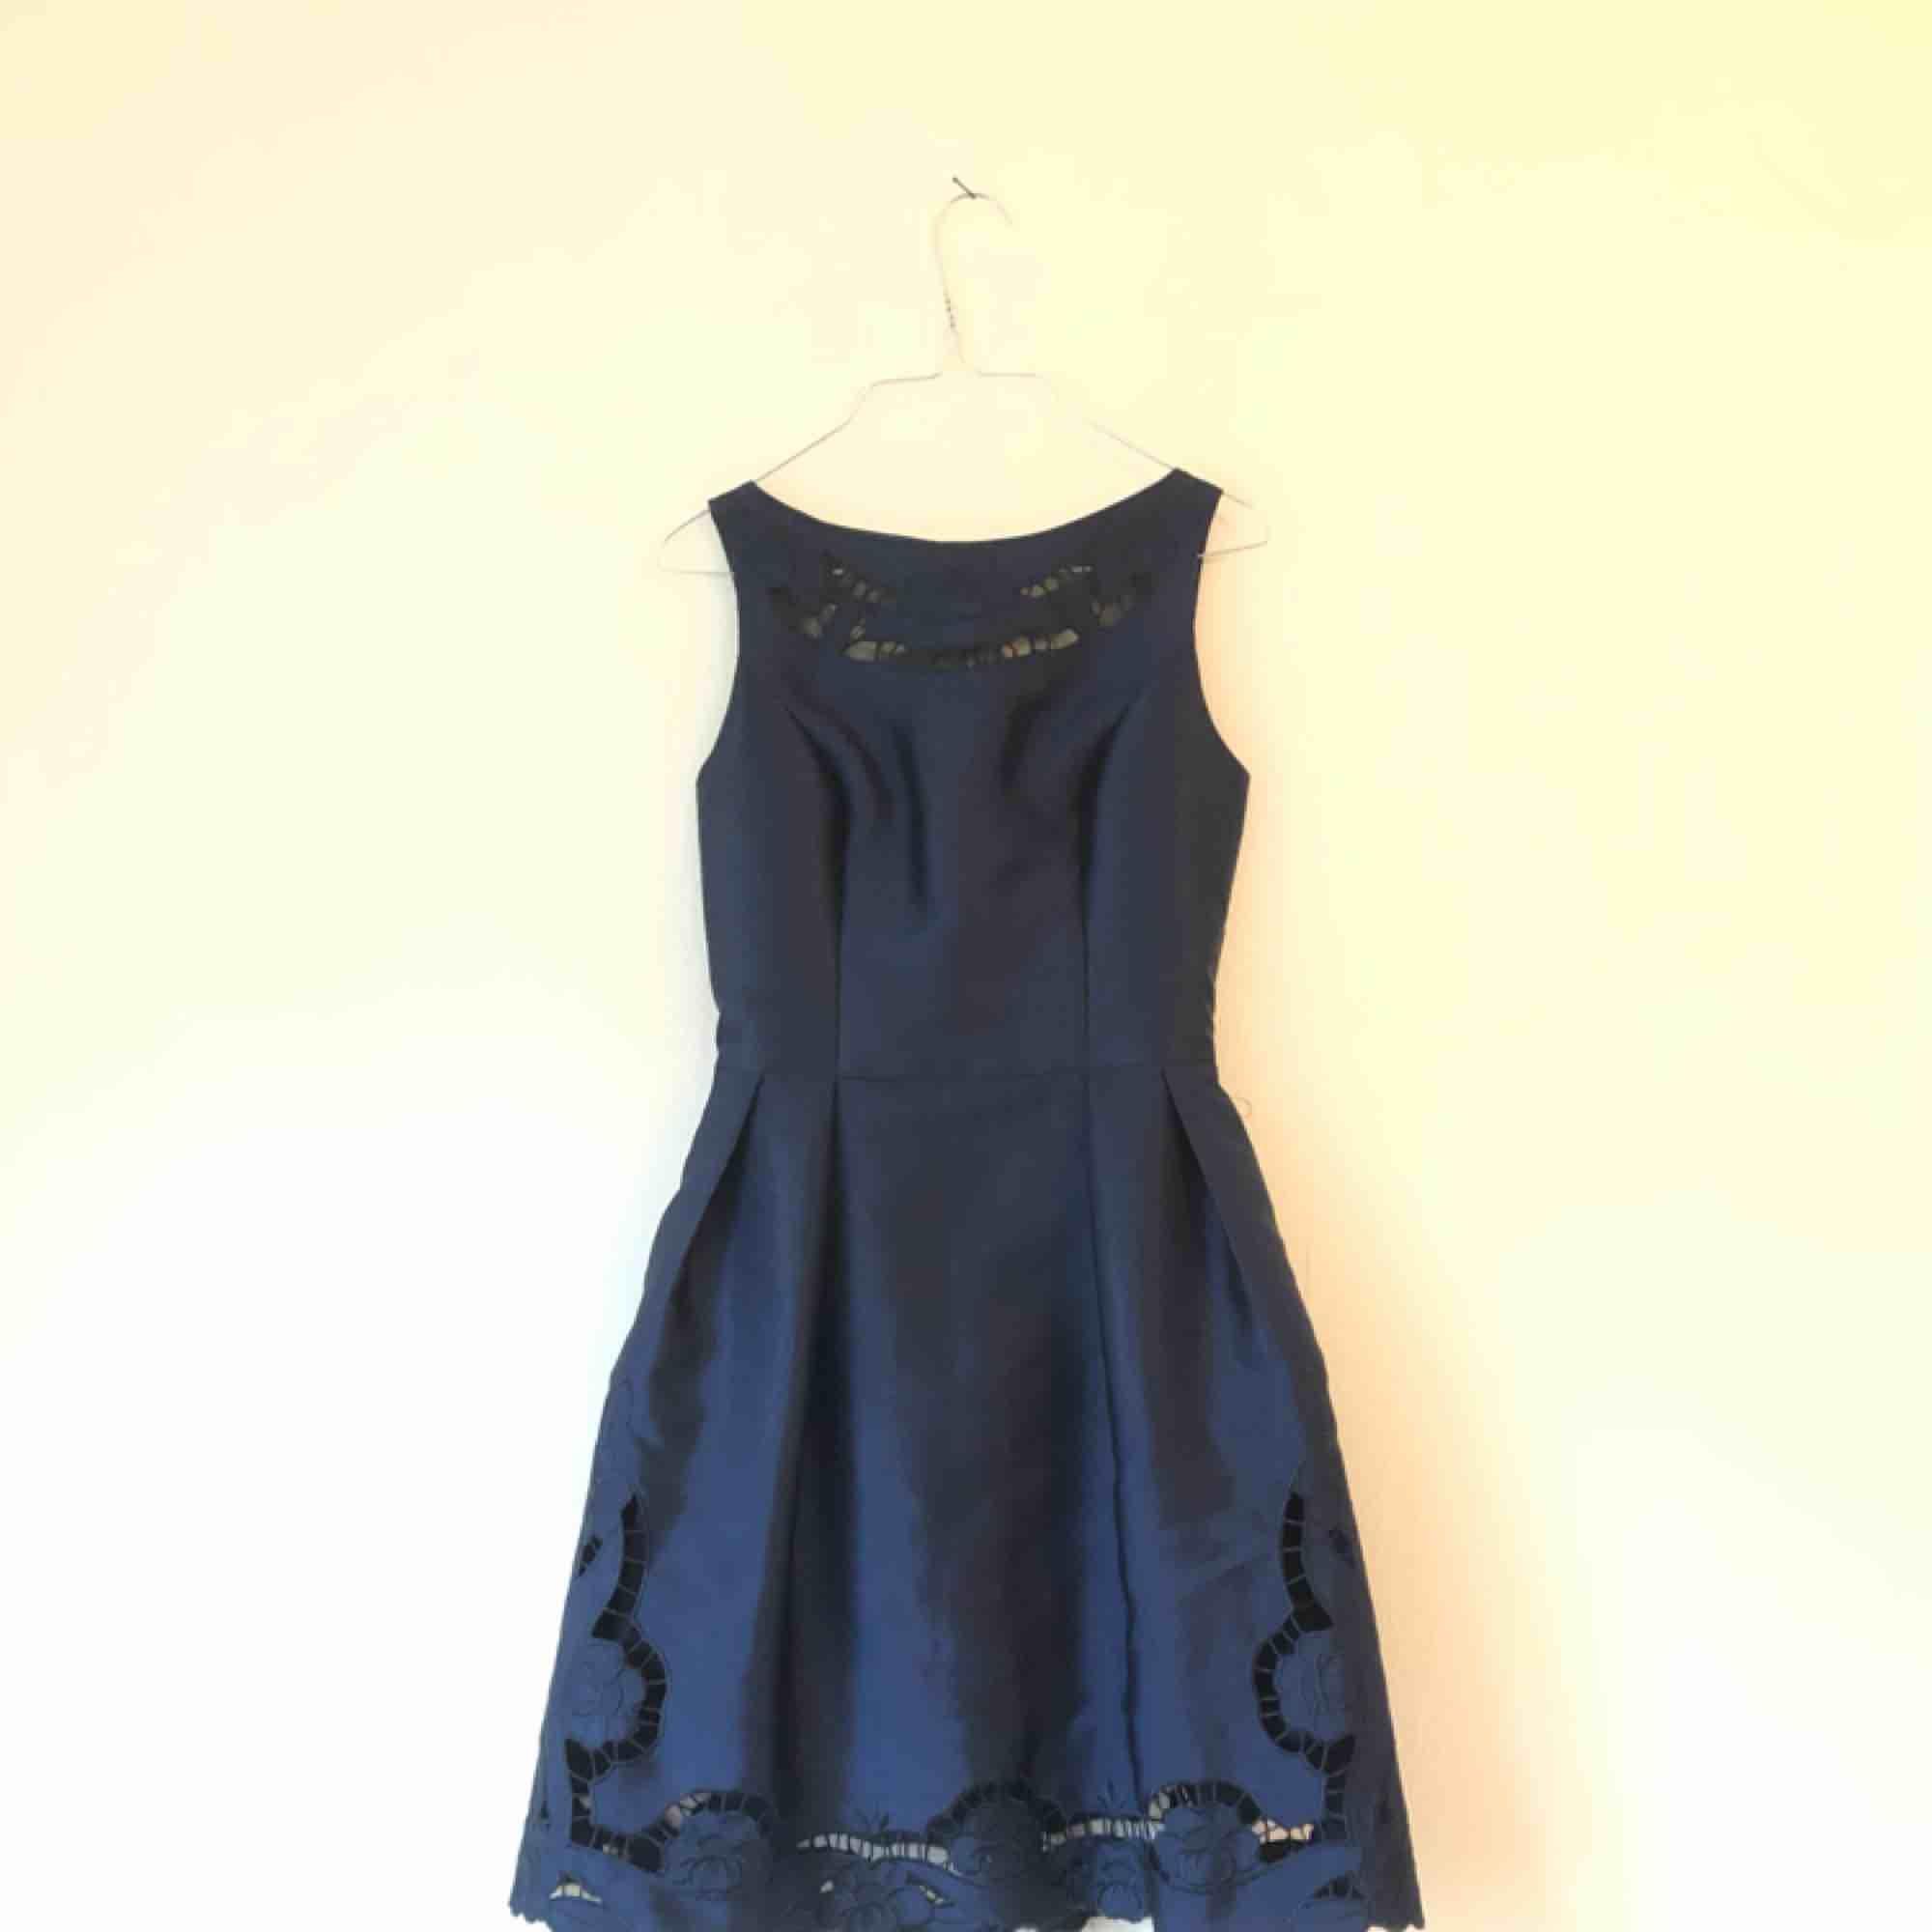 Superfin klänning från Chi chi London, använd en gång. Säljes pga kommer inte till användning. Frakt ingår!. Klänningar.